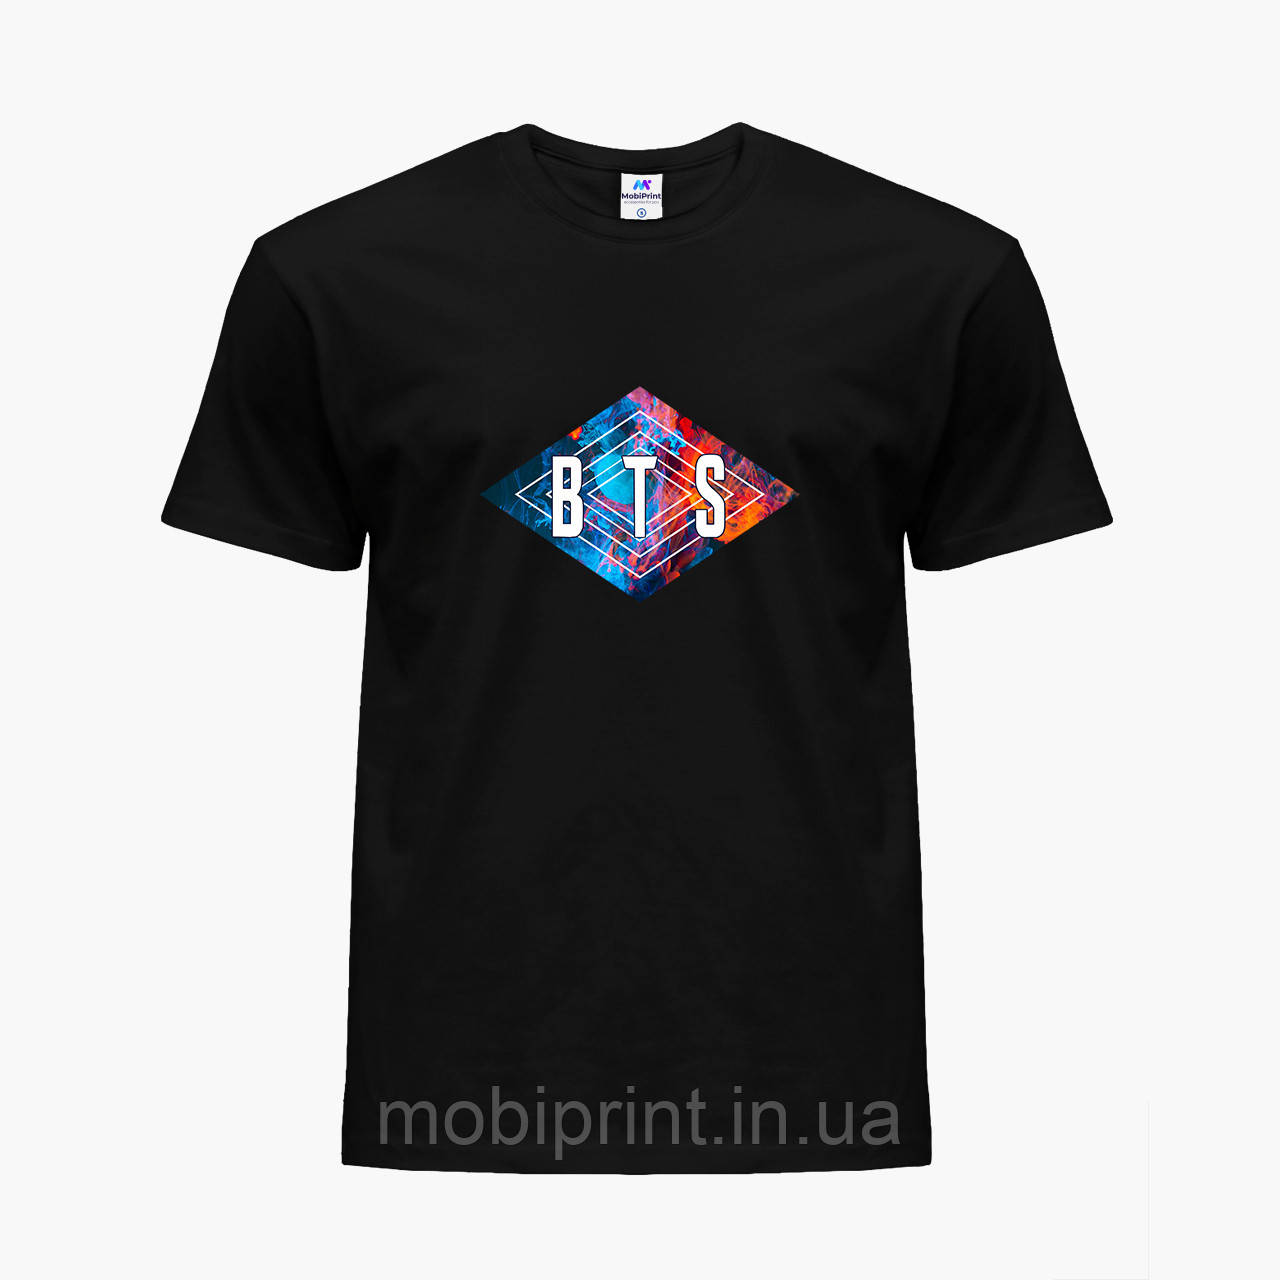 Детская футболка для девочек БТС (BTS) (25186-1062) Черный